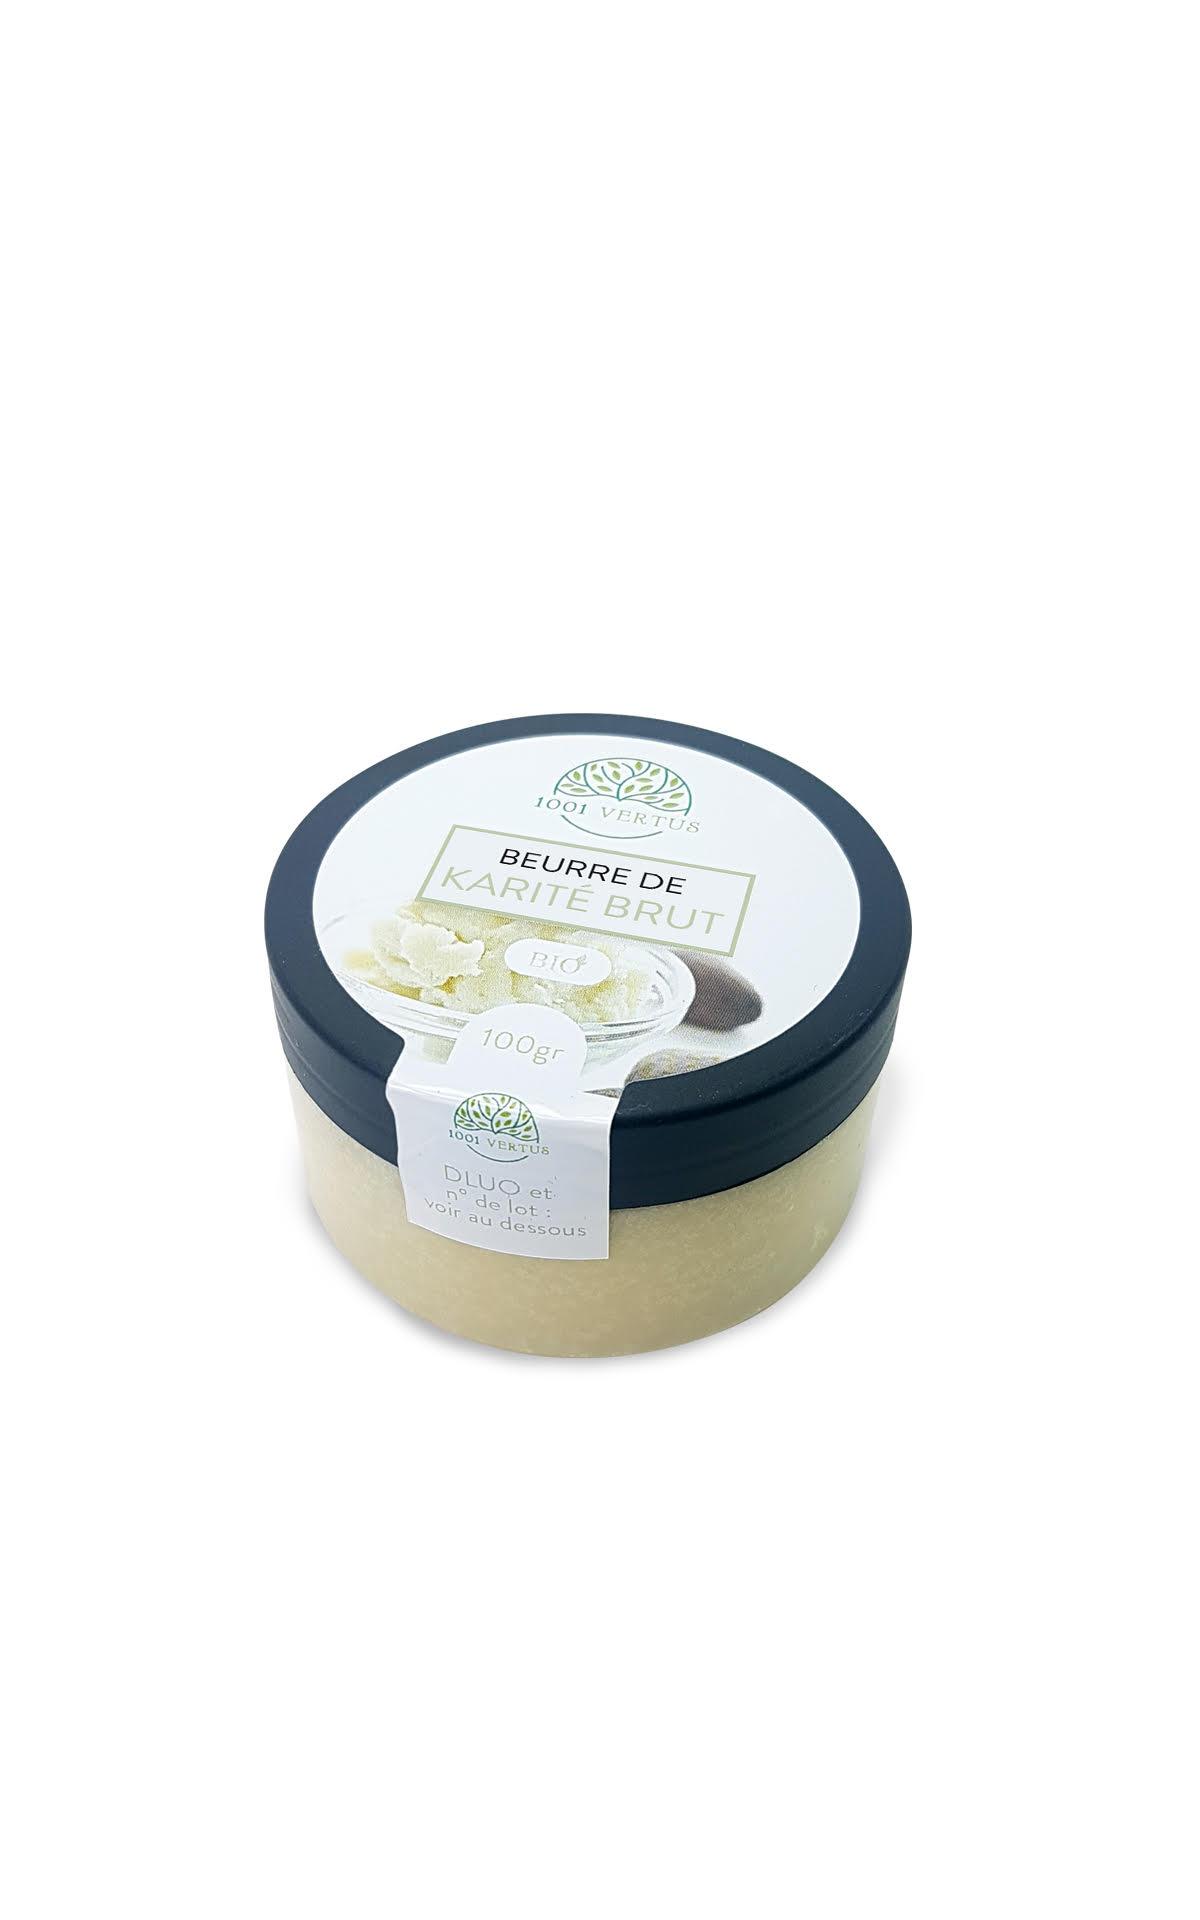 Beurre de karité brut et filtré, certifiée BIO et Écocert - 100g